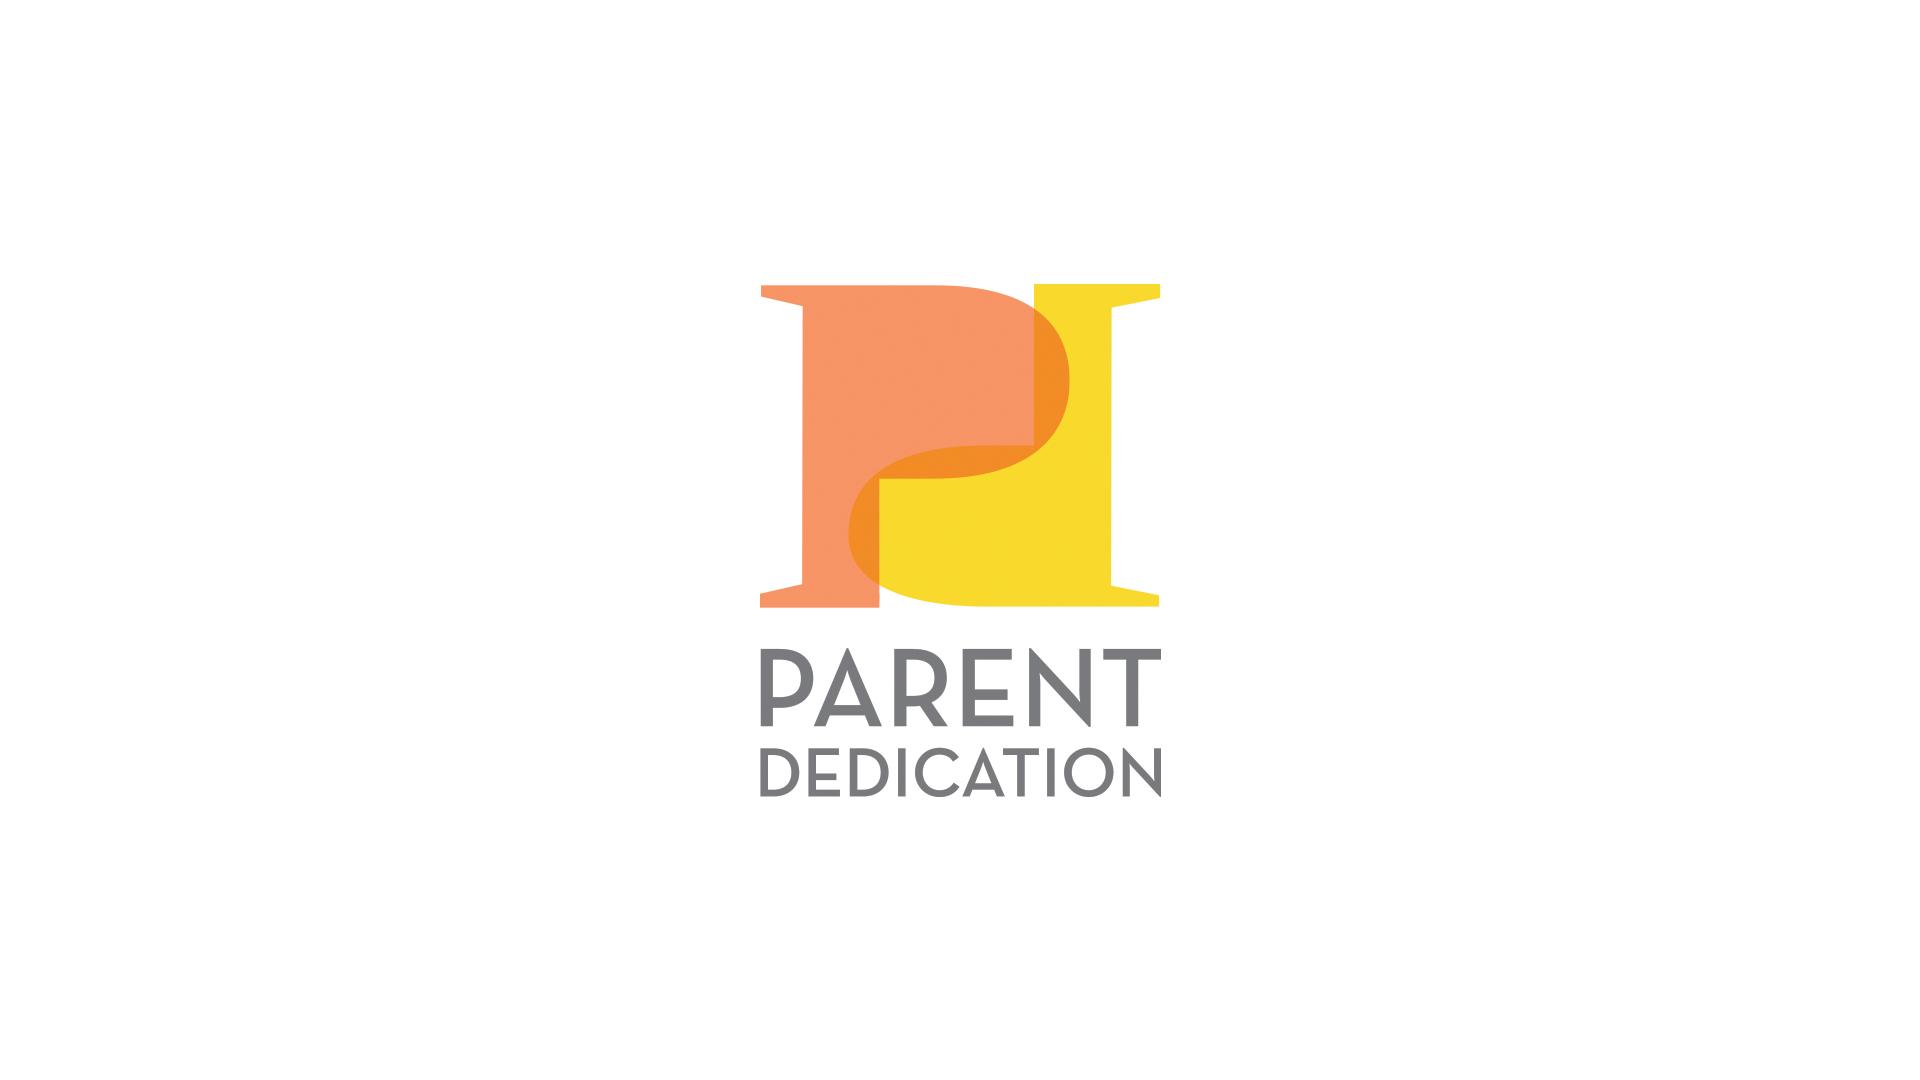 Parent dedication logo slide